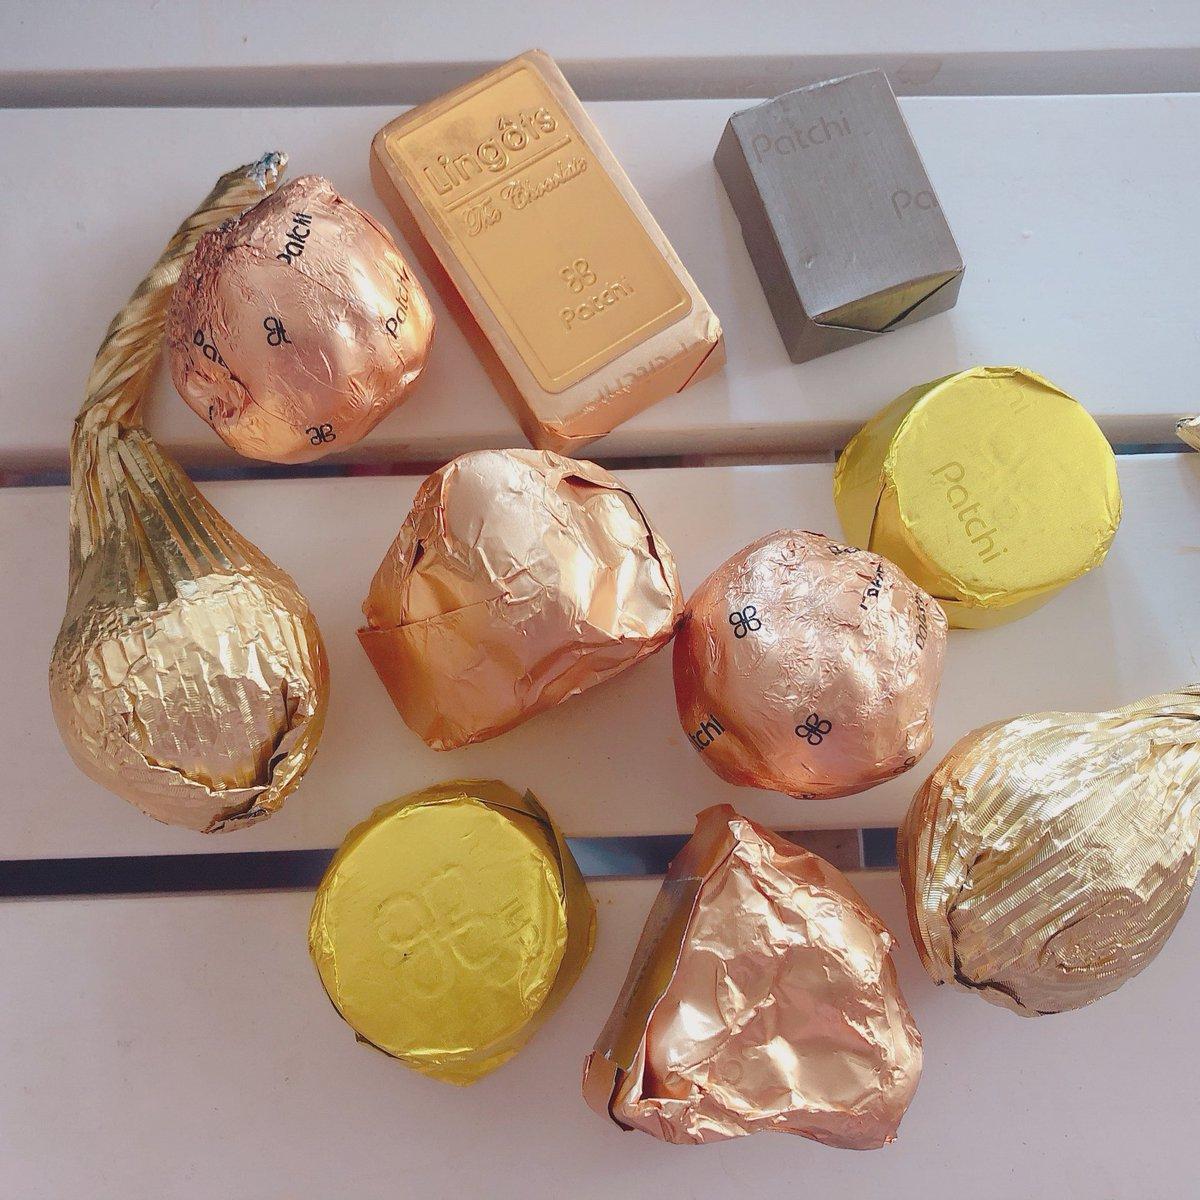 自慢していいですかね…へへっ…バンコクで大好きなチョコレート買ってきちゃったんすよ…へへっ…。